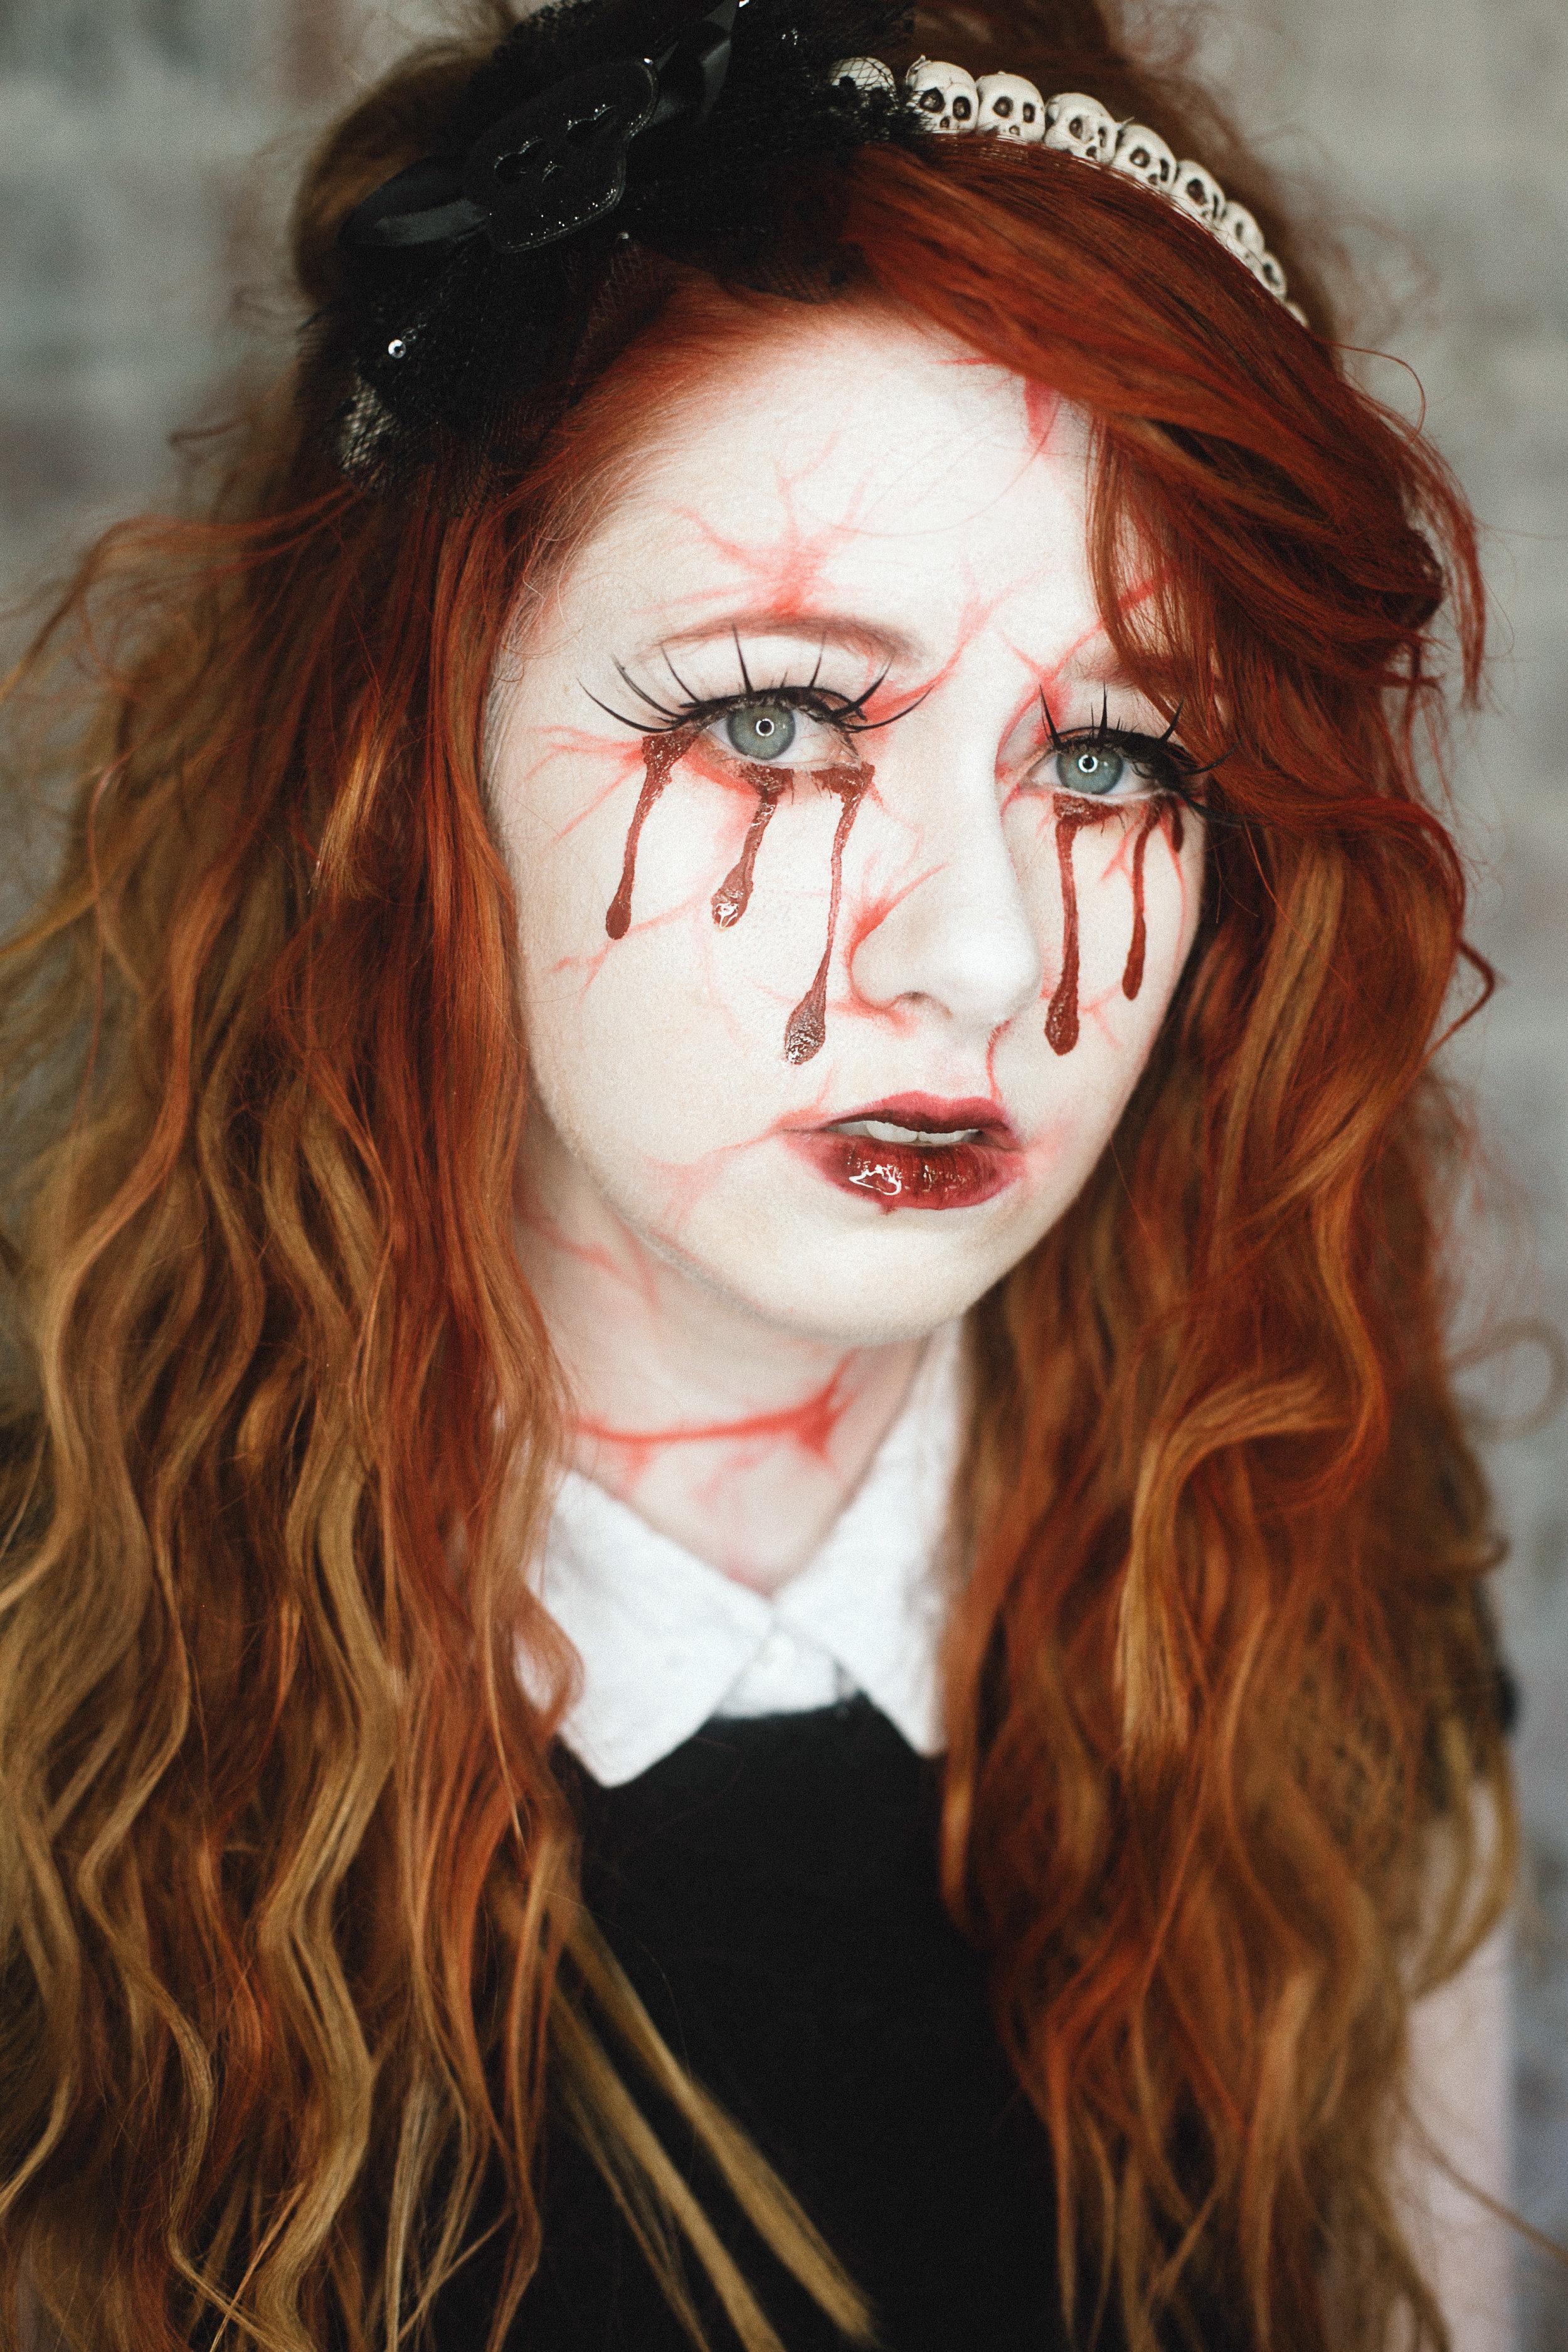 Halloweendoll1.jpg